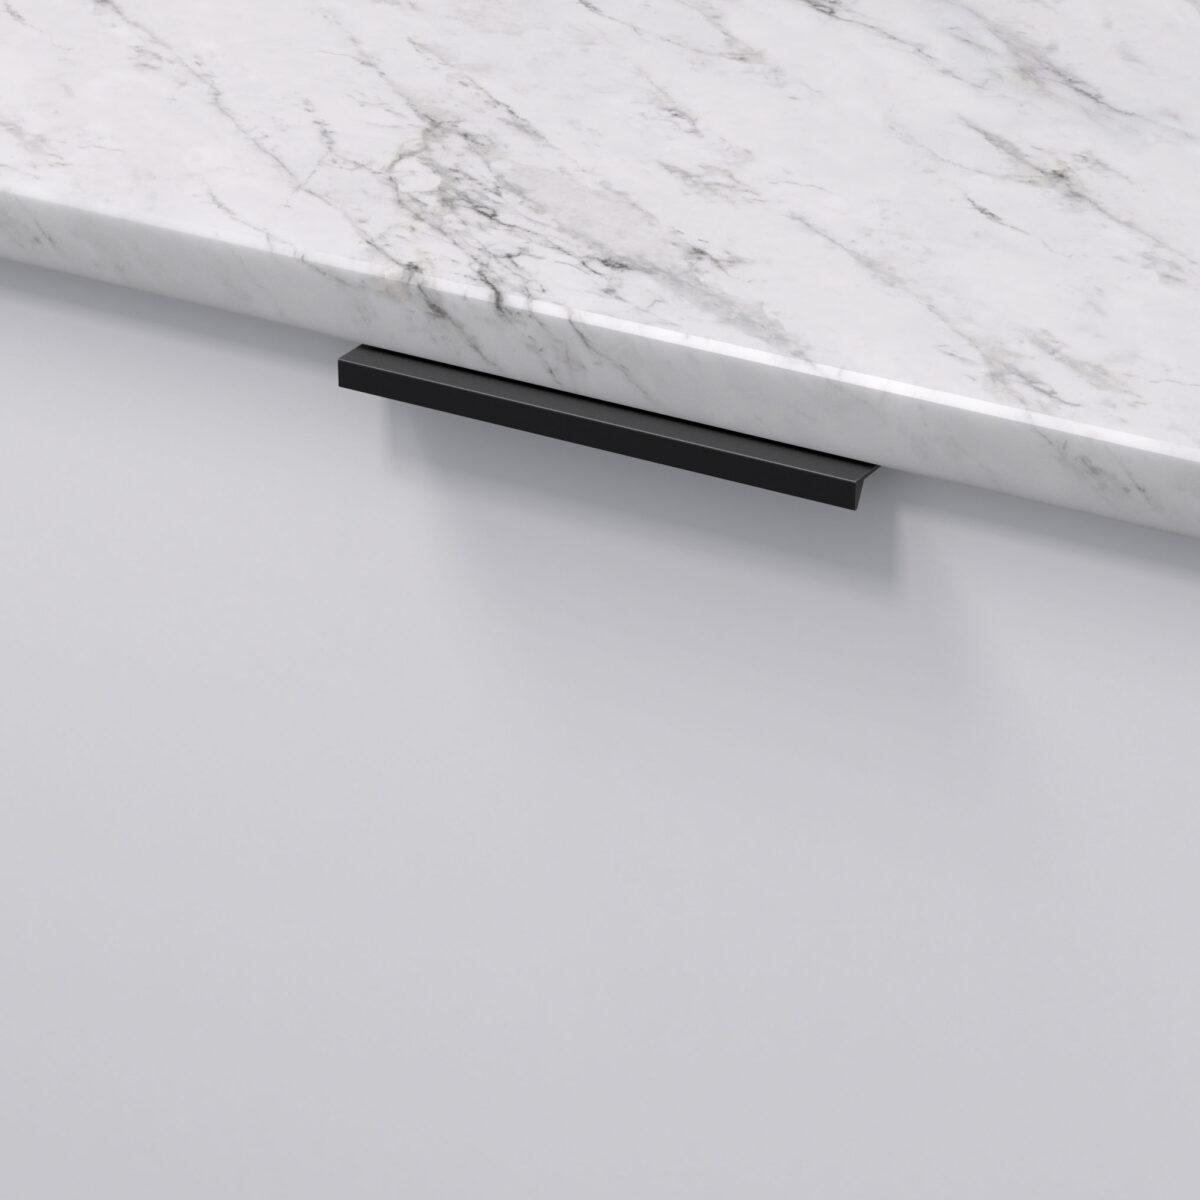 Profilhandtag slim 4025 matt svart 305176 11 136 mm ncs s 0300 n marmor carrara